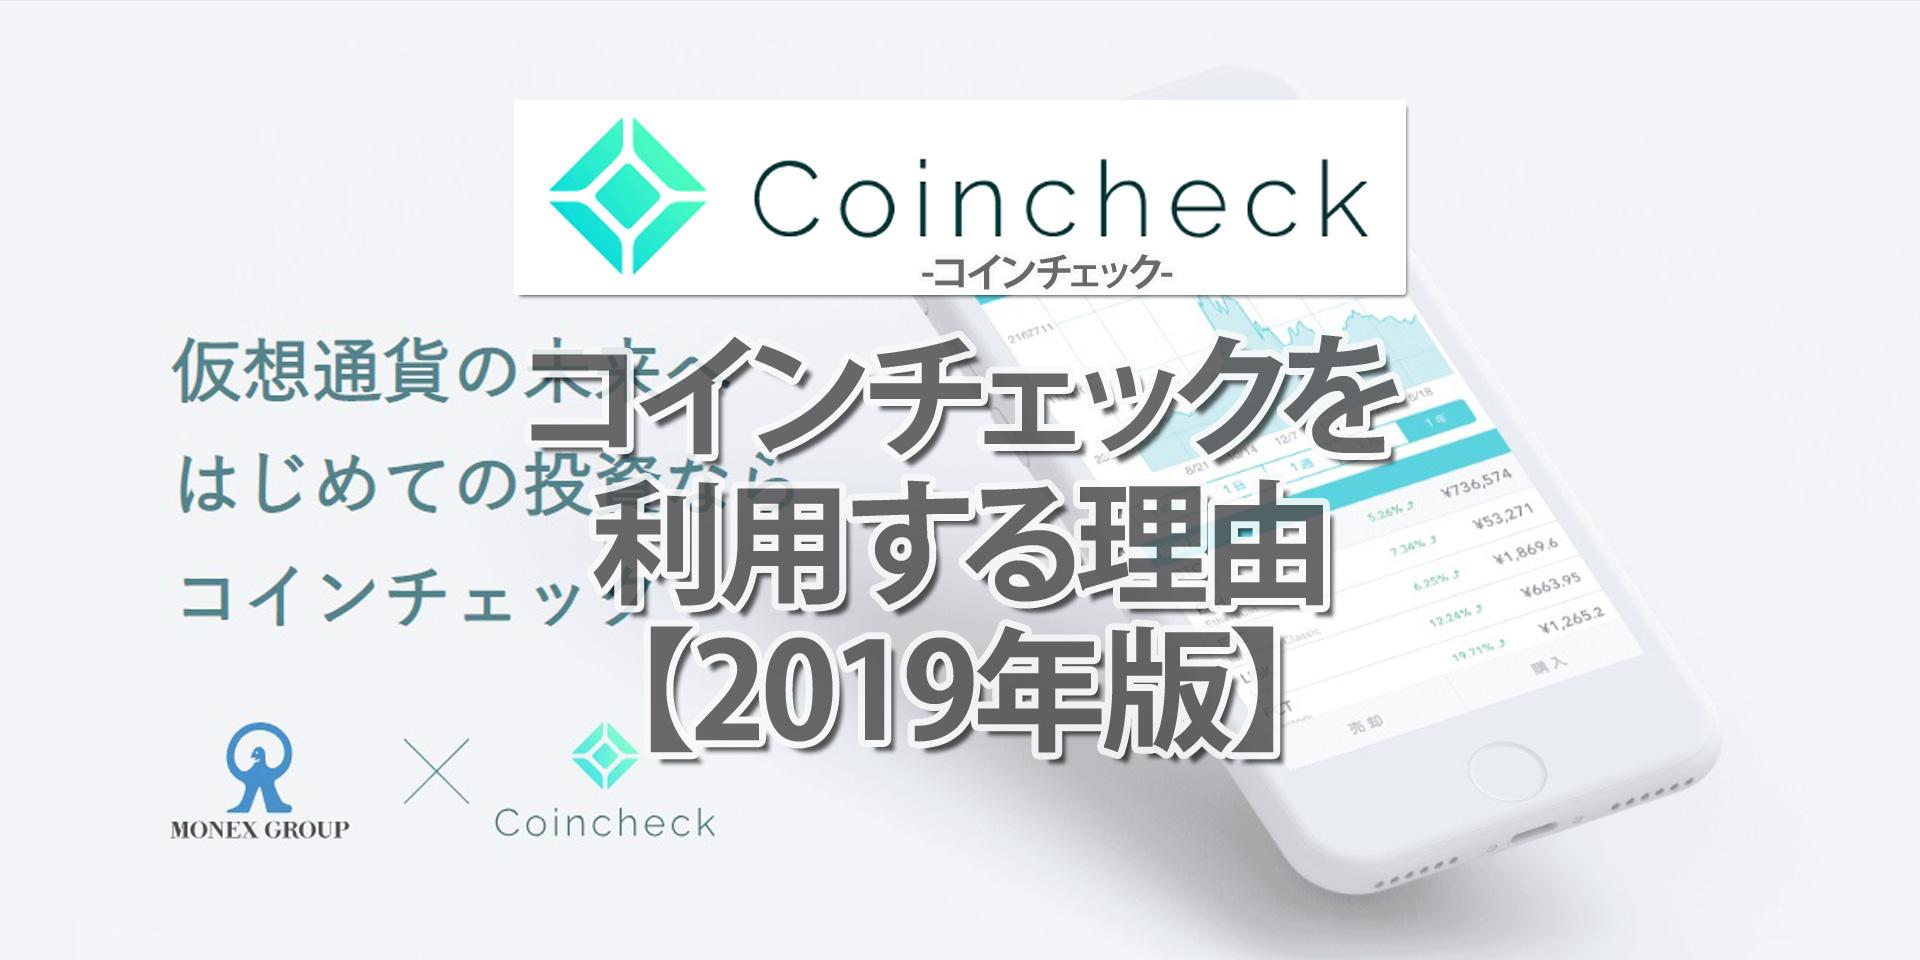 コインチェックを利用する理由2019年版